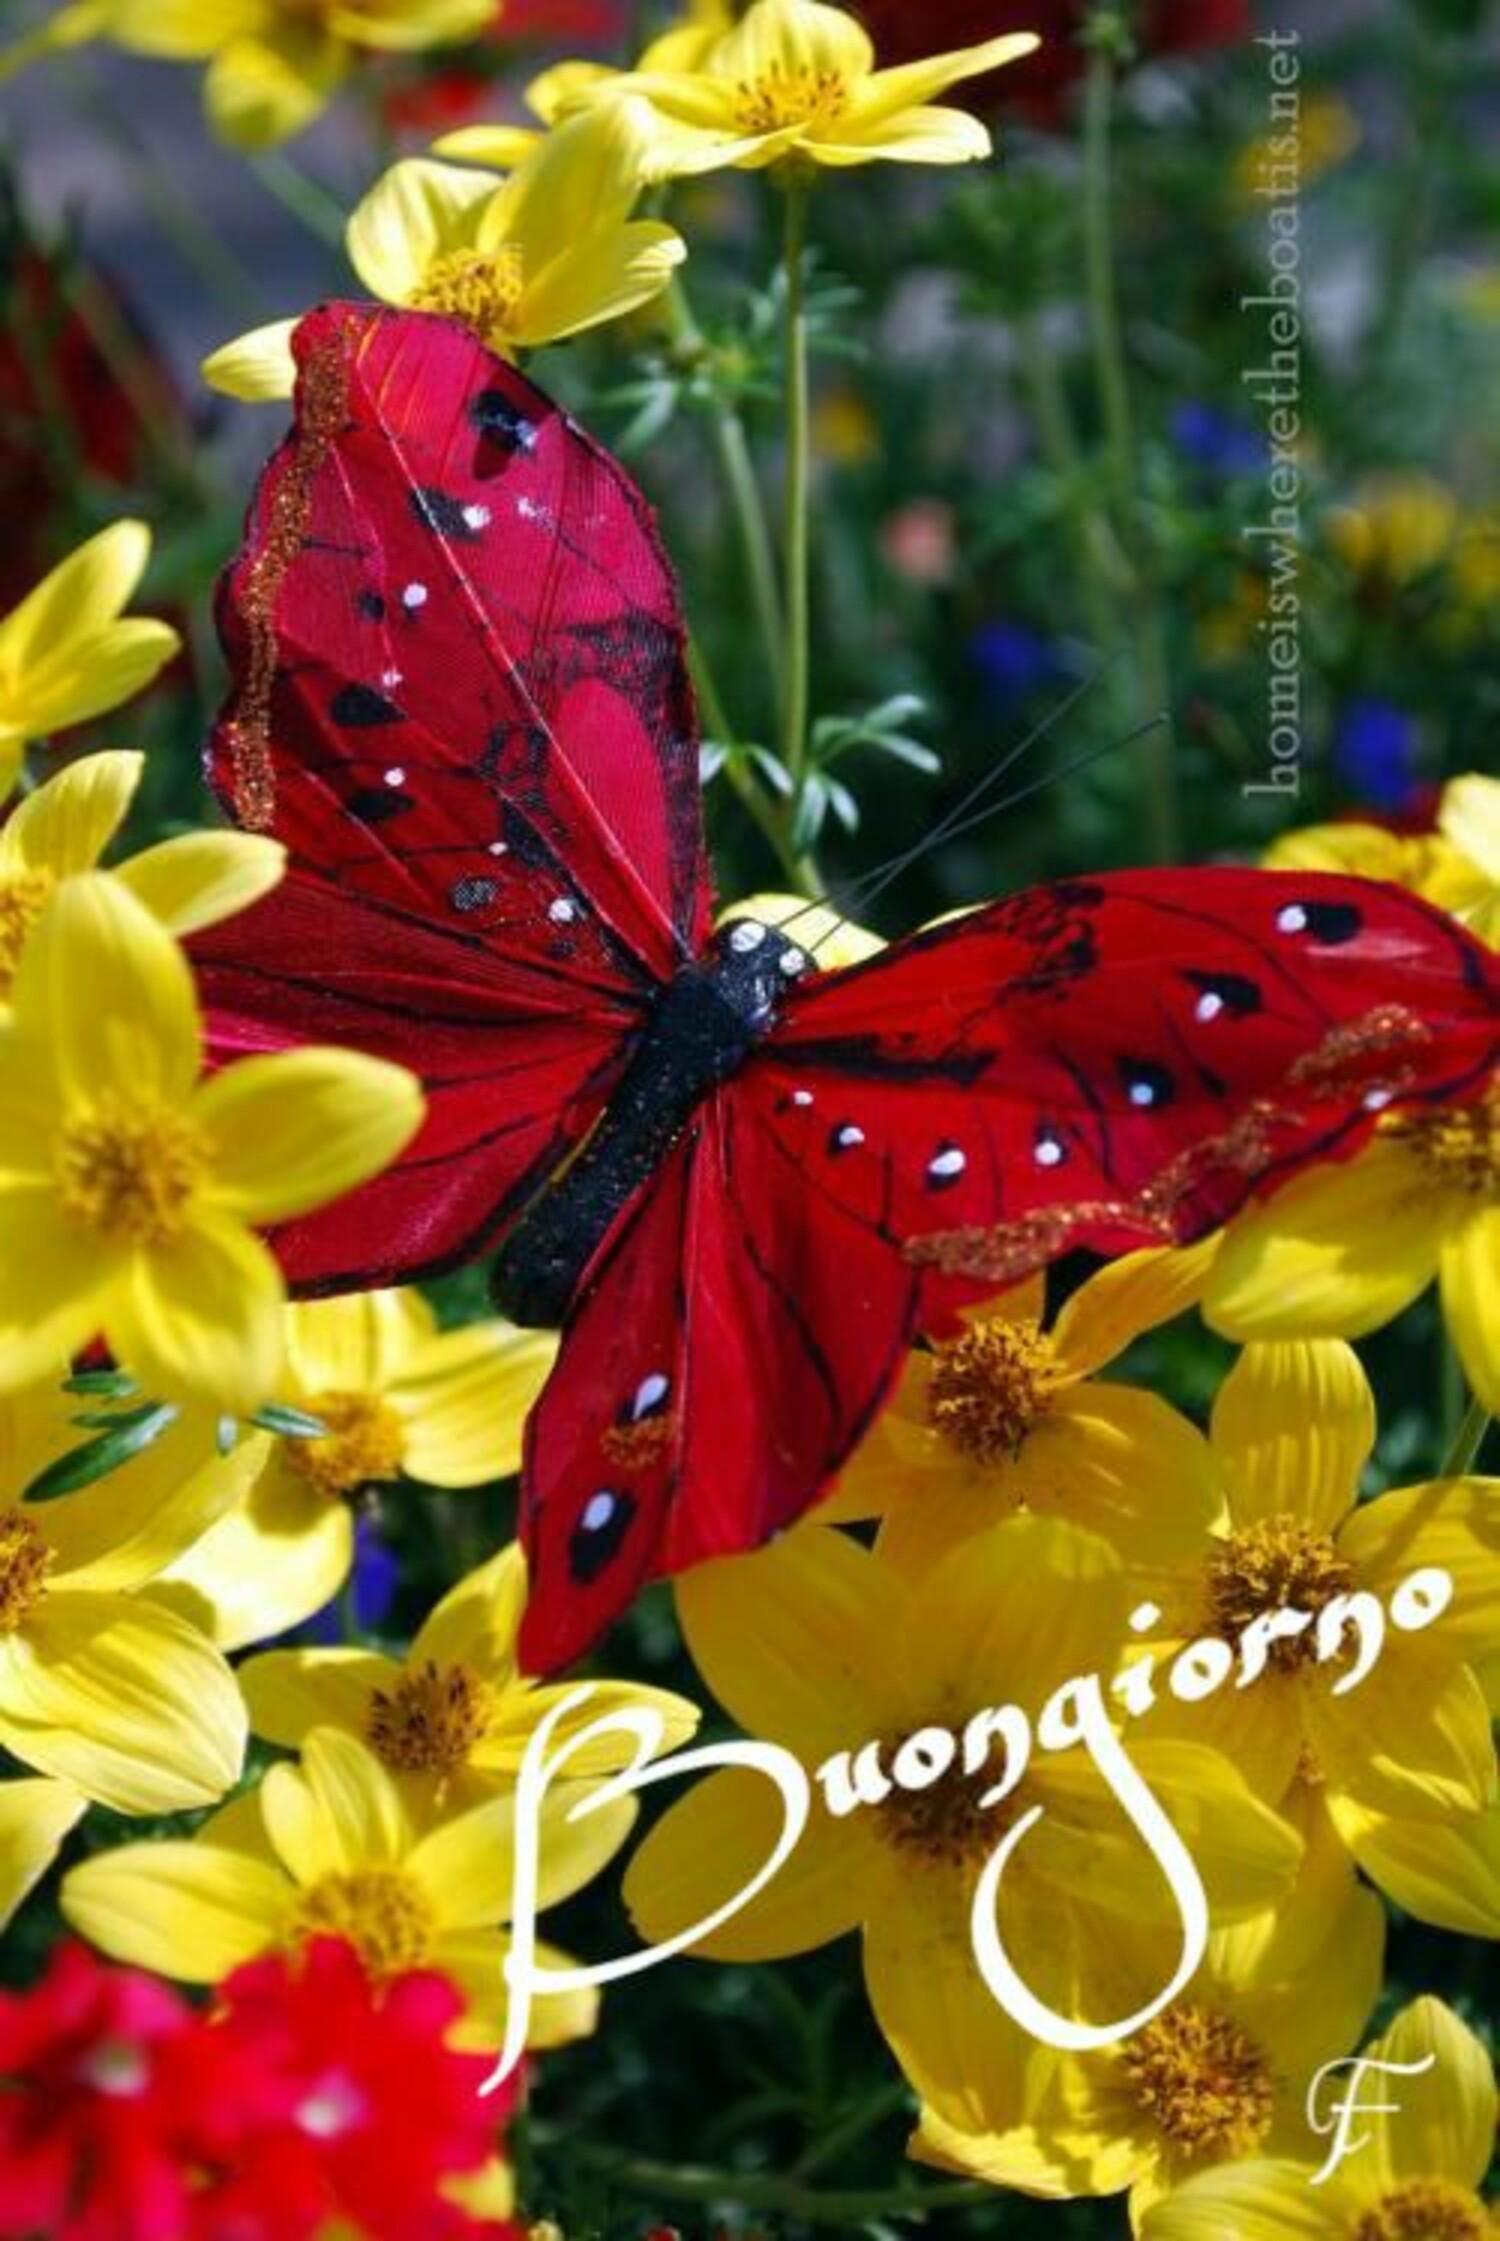 Buongiorno con una farfalla posata su dei fiori gialli